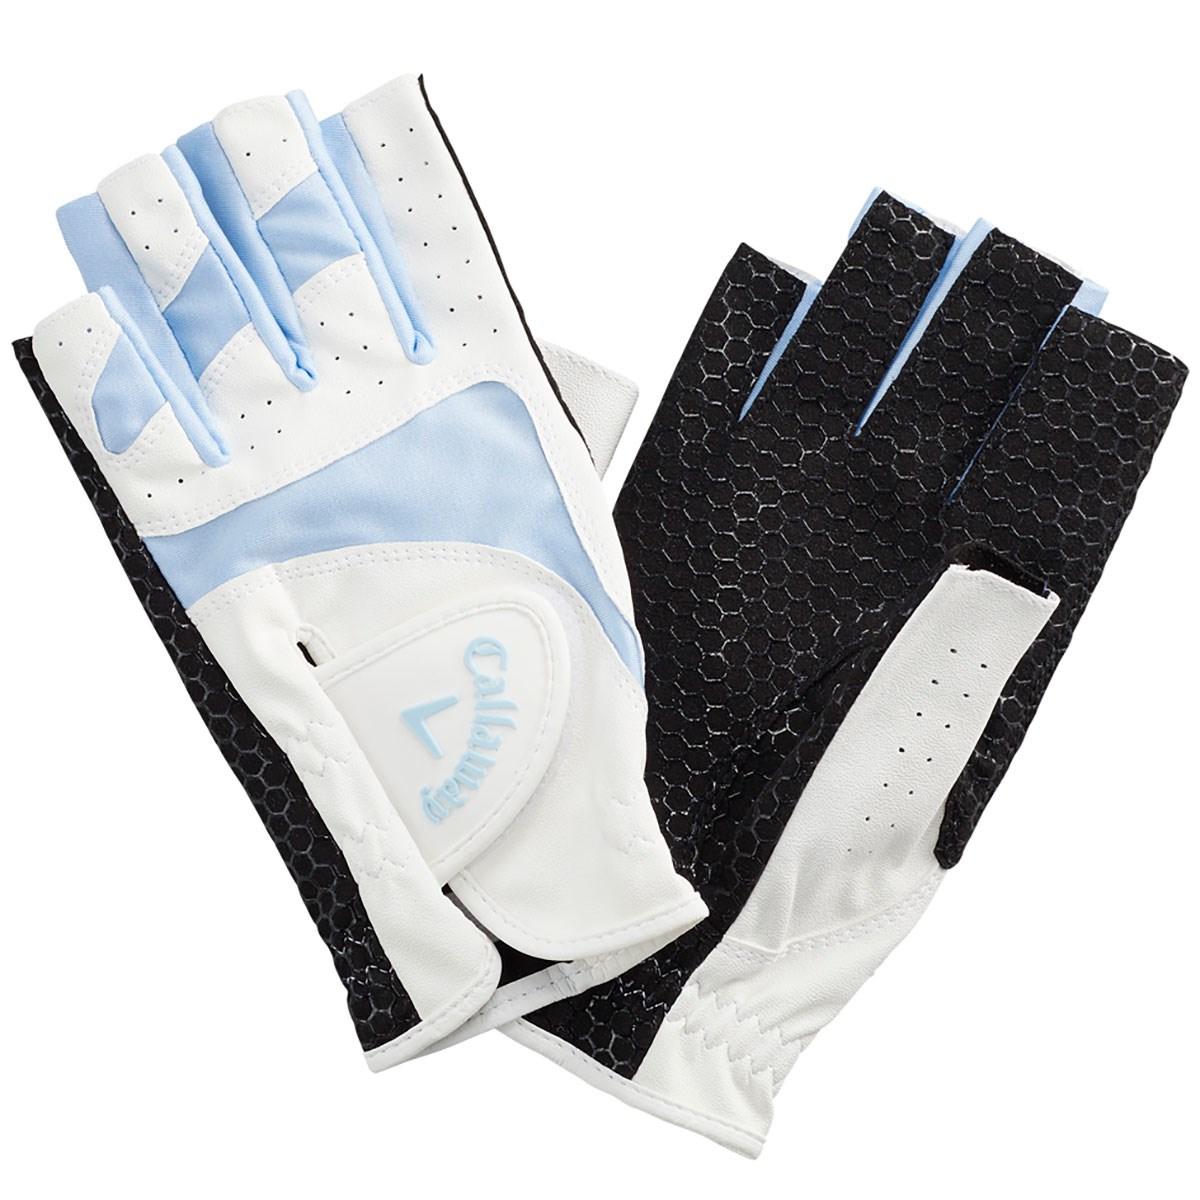 キャロウェイゴルフ Callaway Golf CPG Sport Dual OF パークゴルフ用 指先ショートタイプ グローブ 両手用 M ブルー レディス